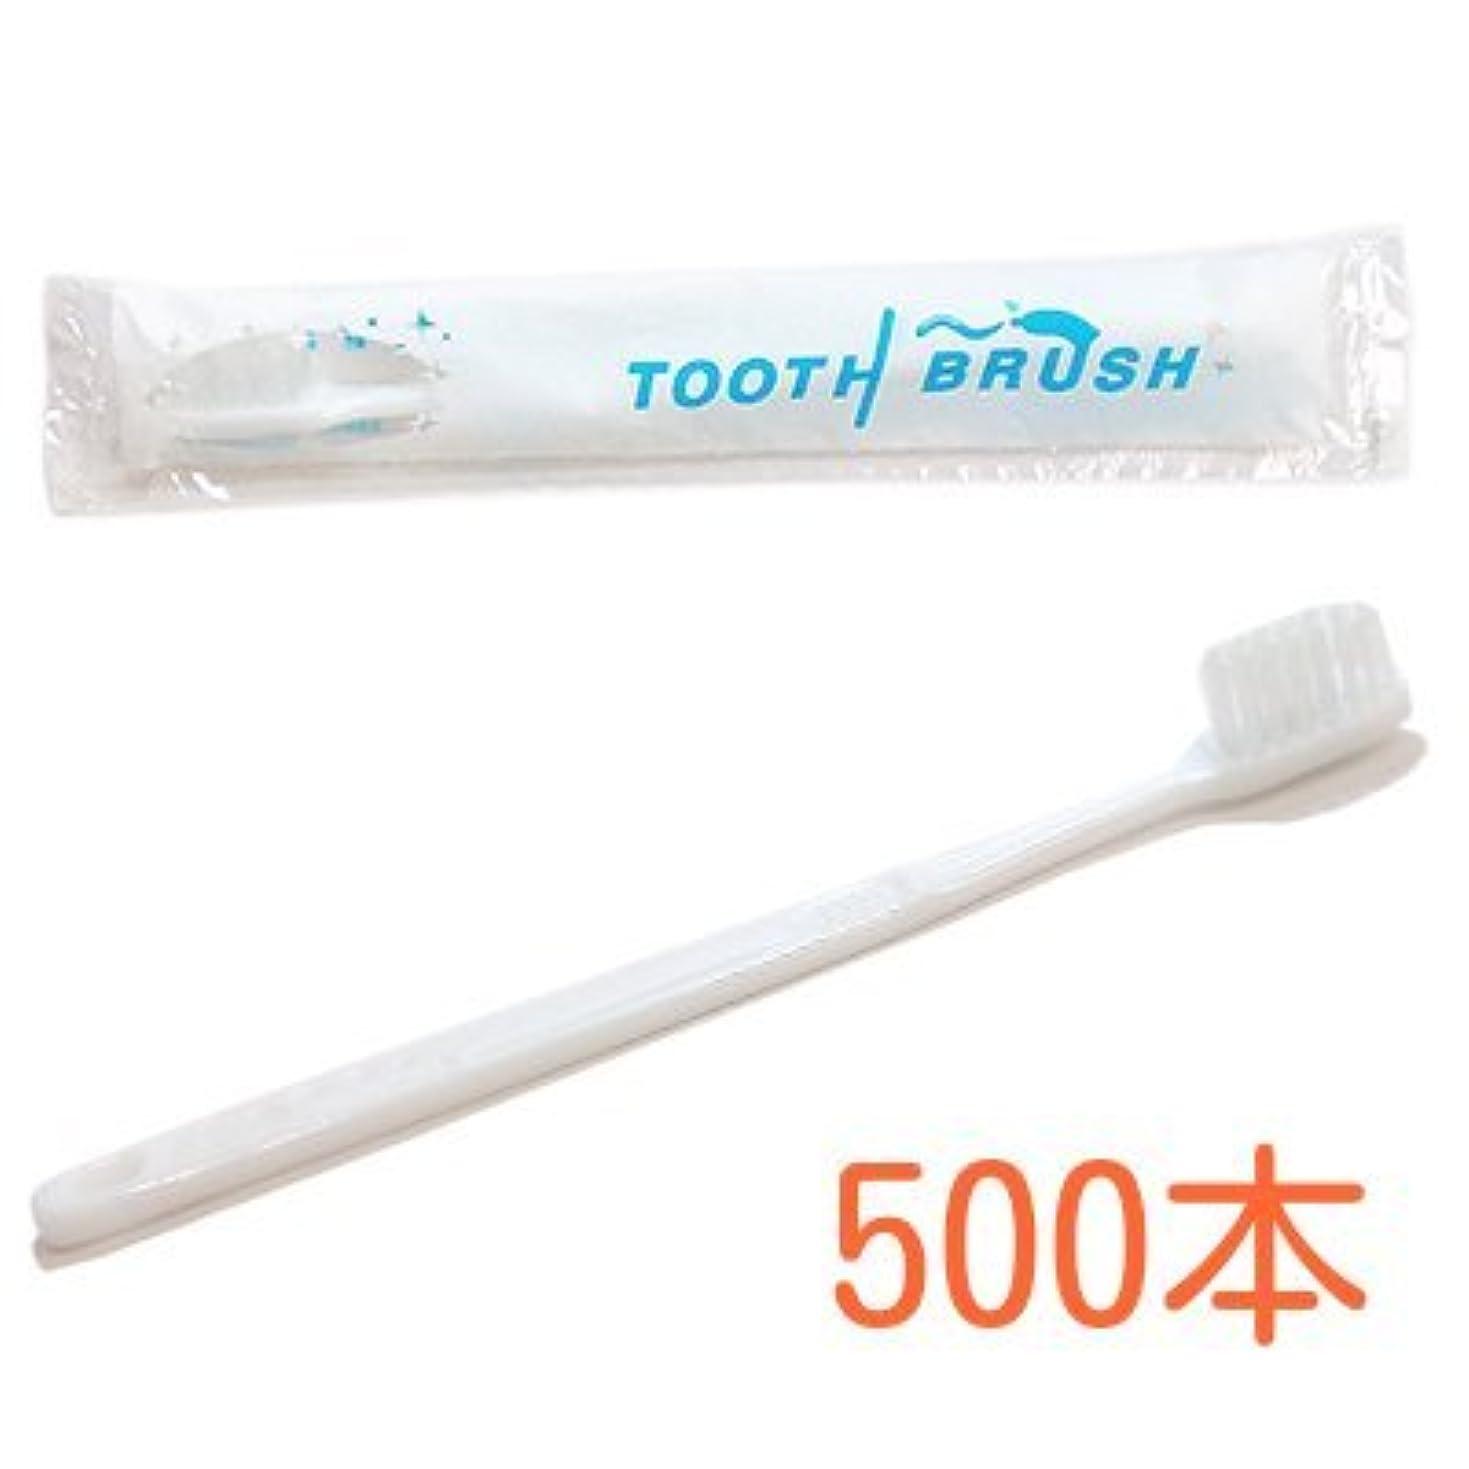 量コミットメント割り当て業務用 粉付き歯ブラシ インスタント歯ブラシ 選べるセット 500本